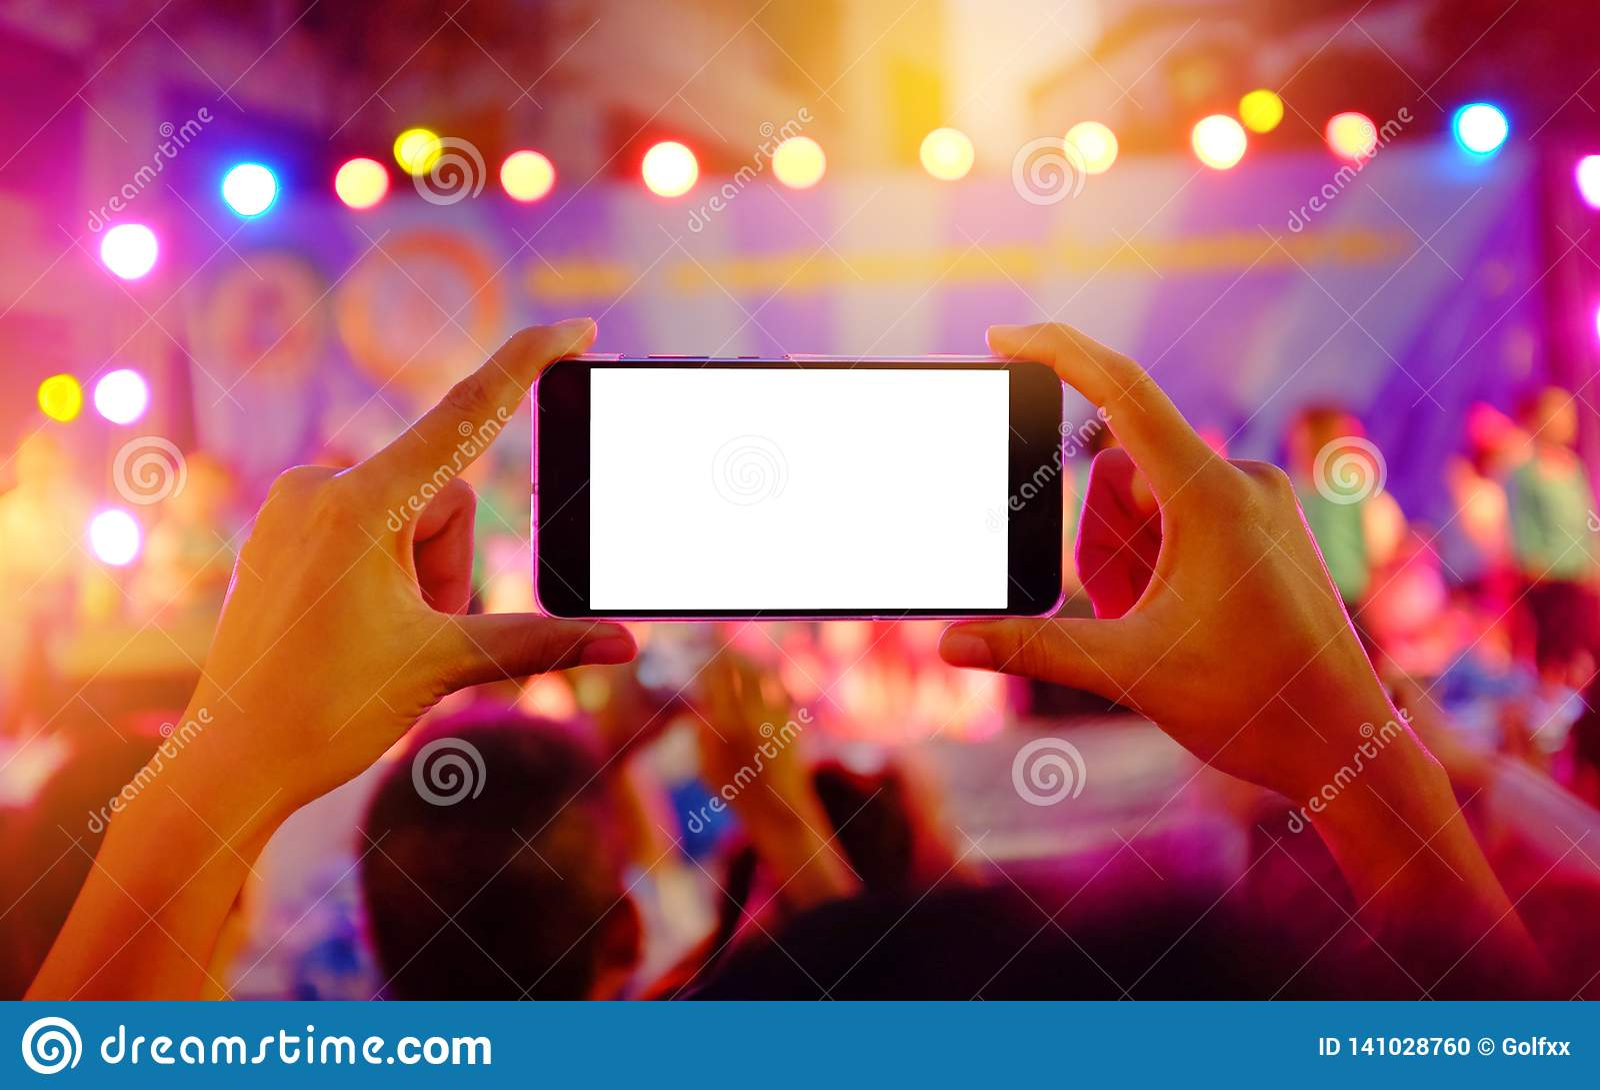 拿着一个流动智能手机的手记录与空白的白色屏幕的五颜六色的生活音乐会